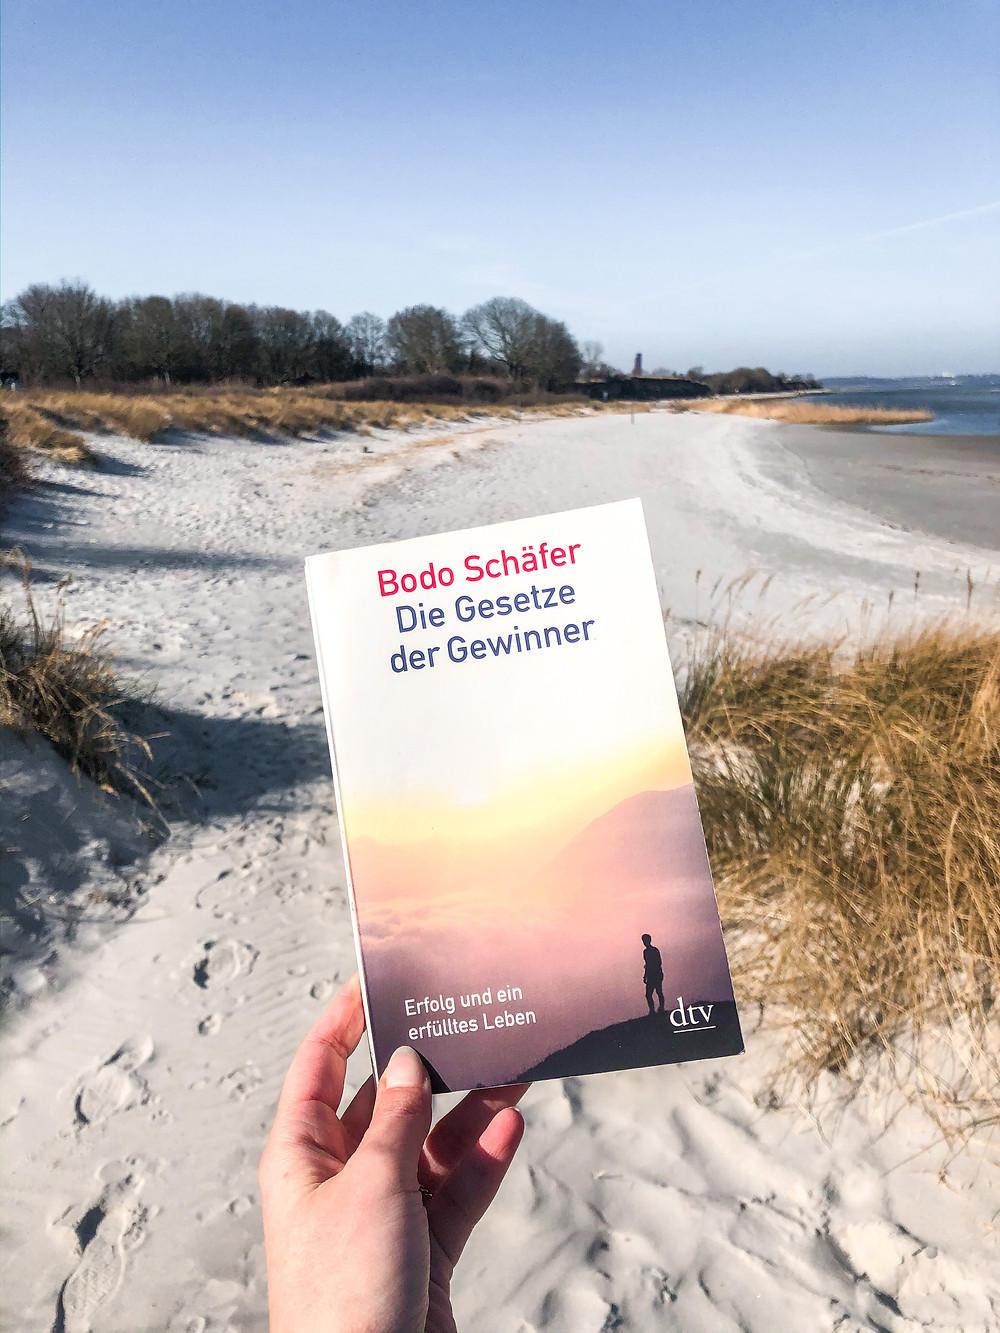 Die Rezension von Gesetze der Gewinner von Bodo Schäfer, einem der bekanntesten Bücher über Persönlichkeitsentwicklung.